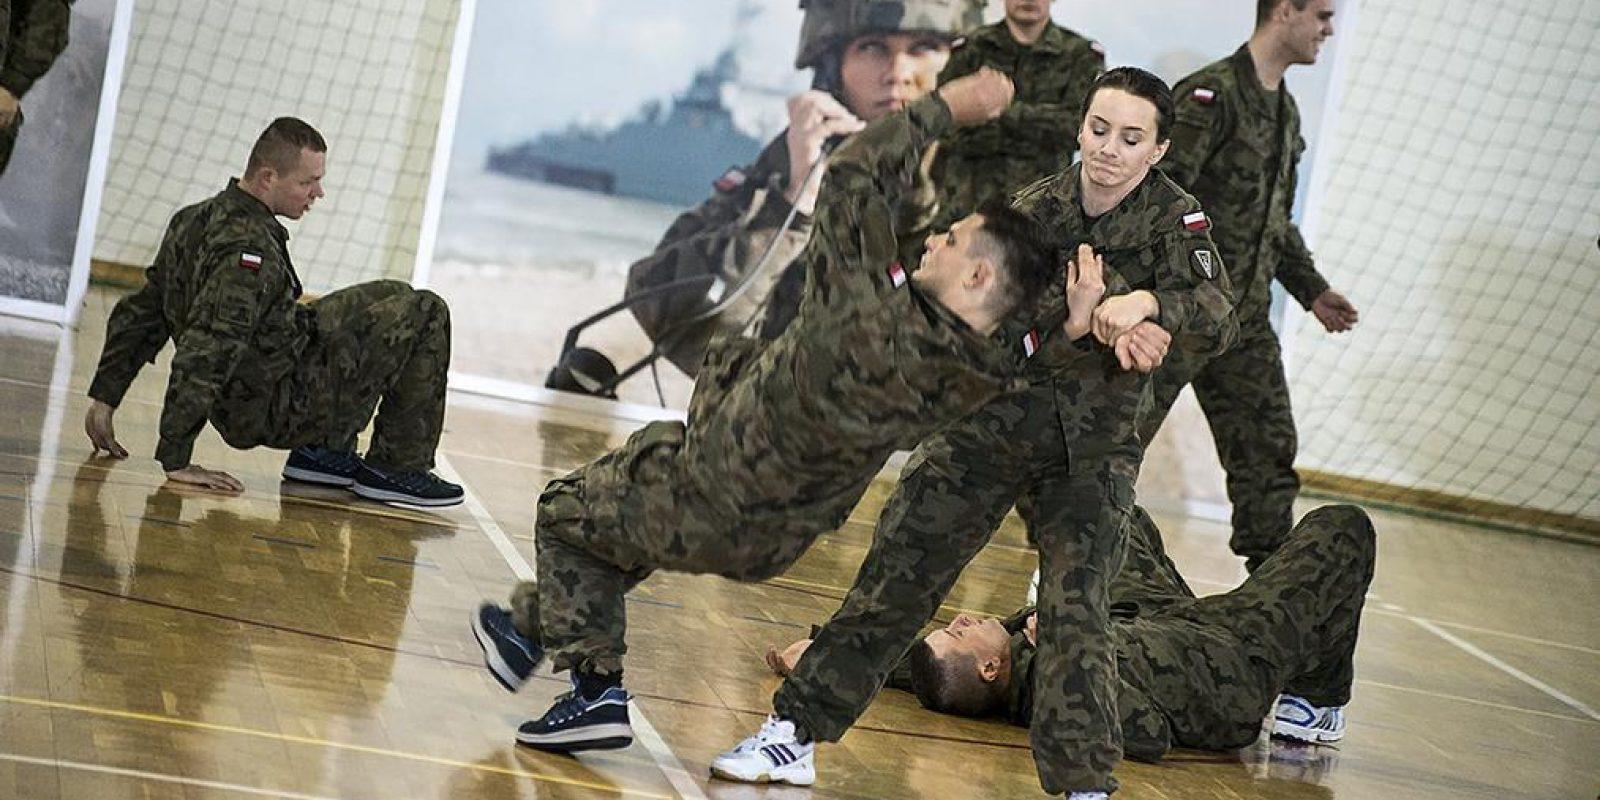 Ejército dará clases de defensa personal a mujeres por casos de violación. Imagen Por: Ministerio de Defensa de Polonia